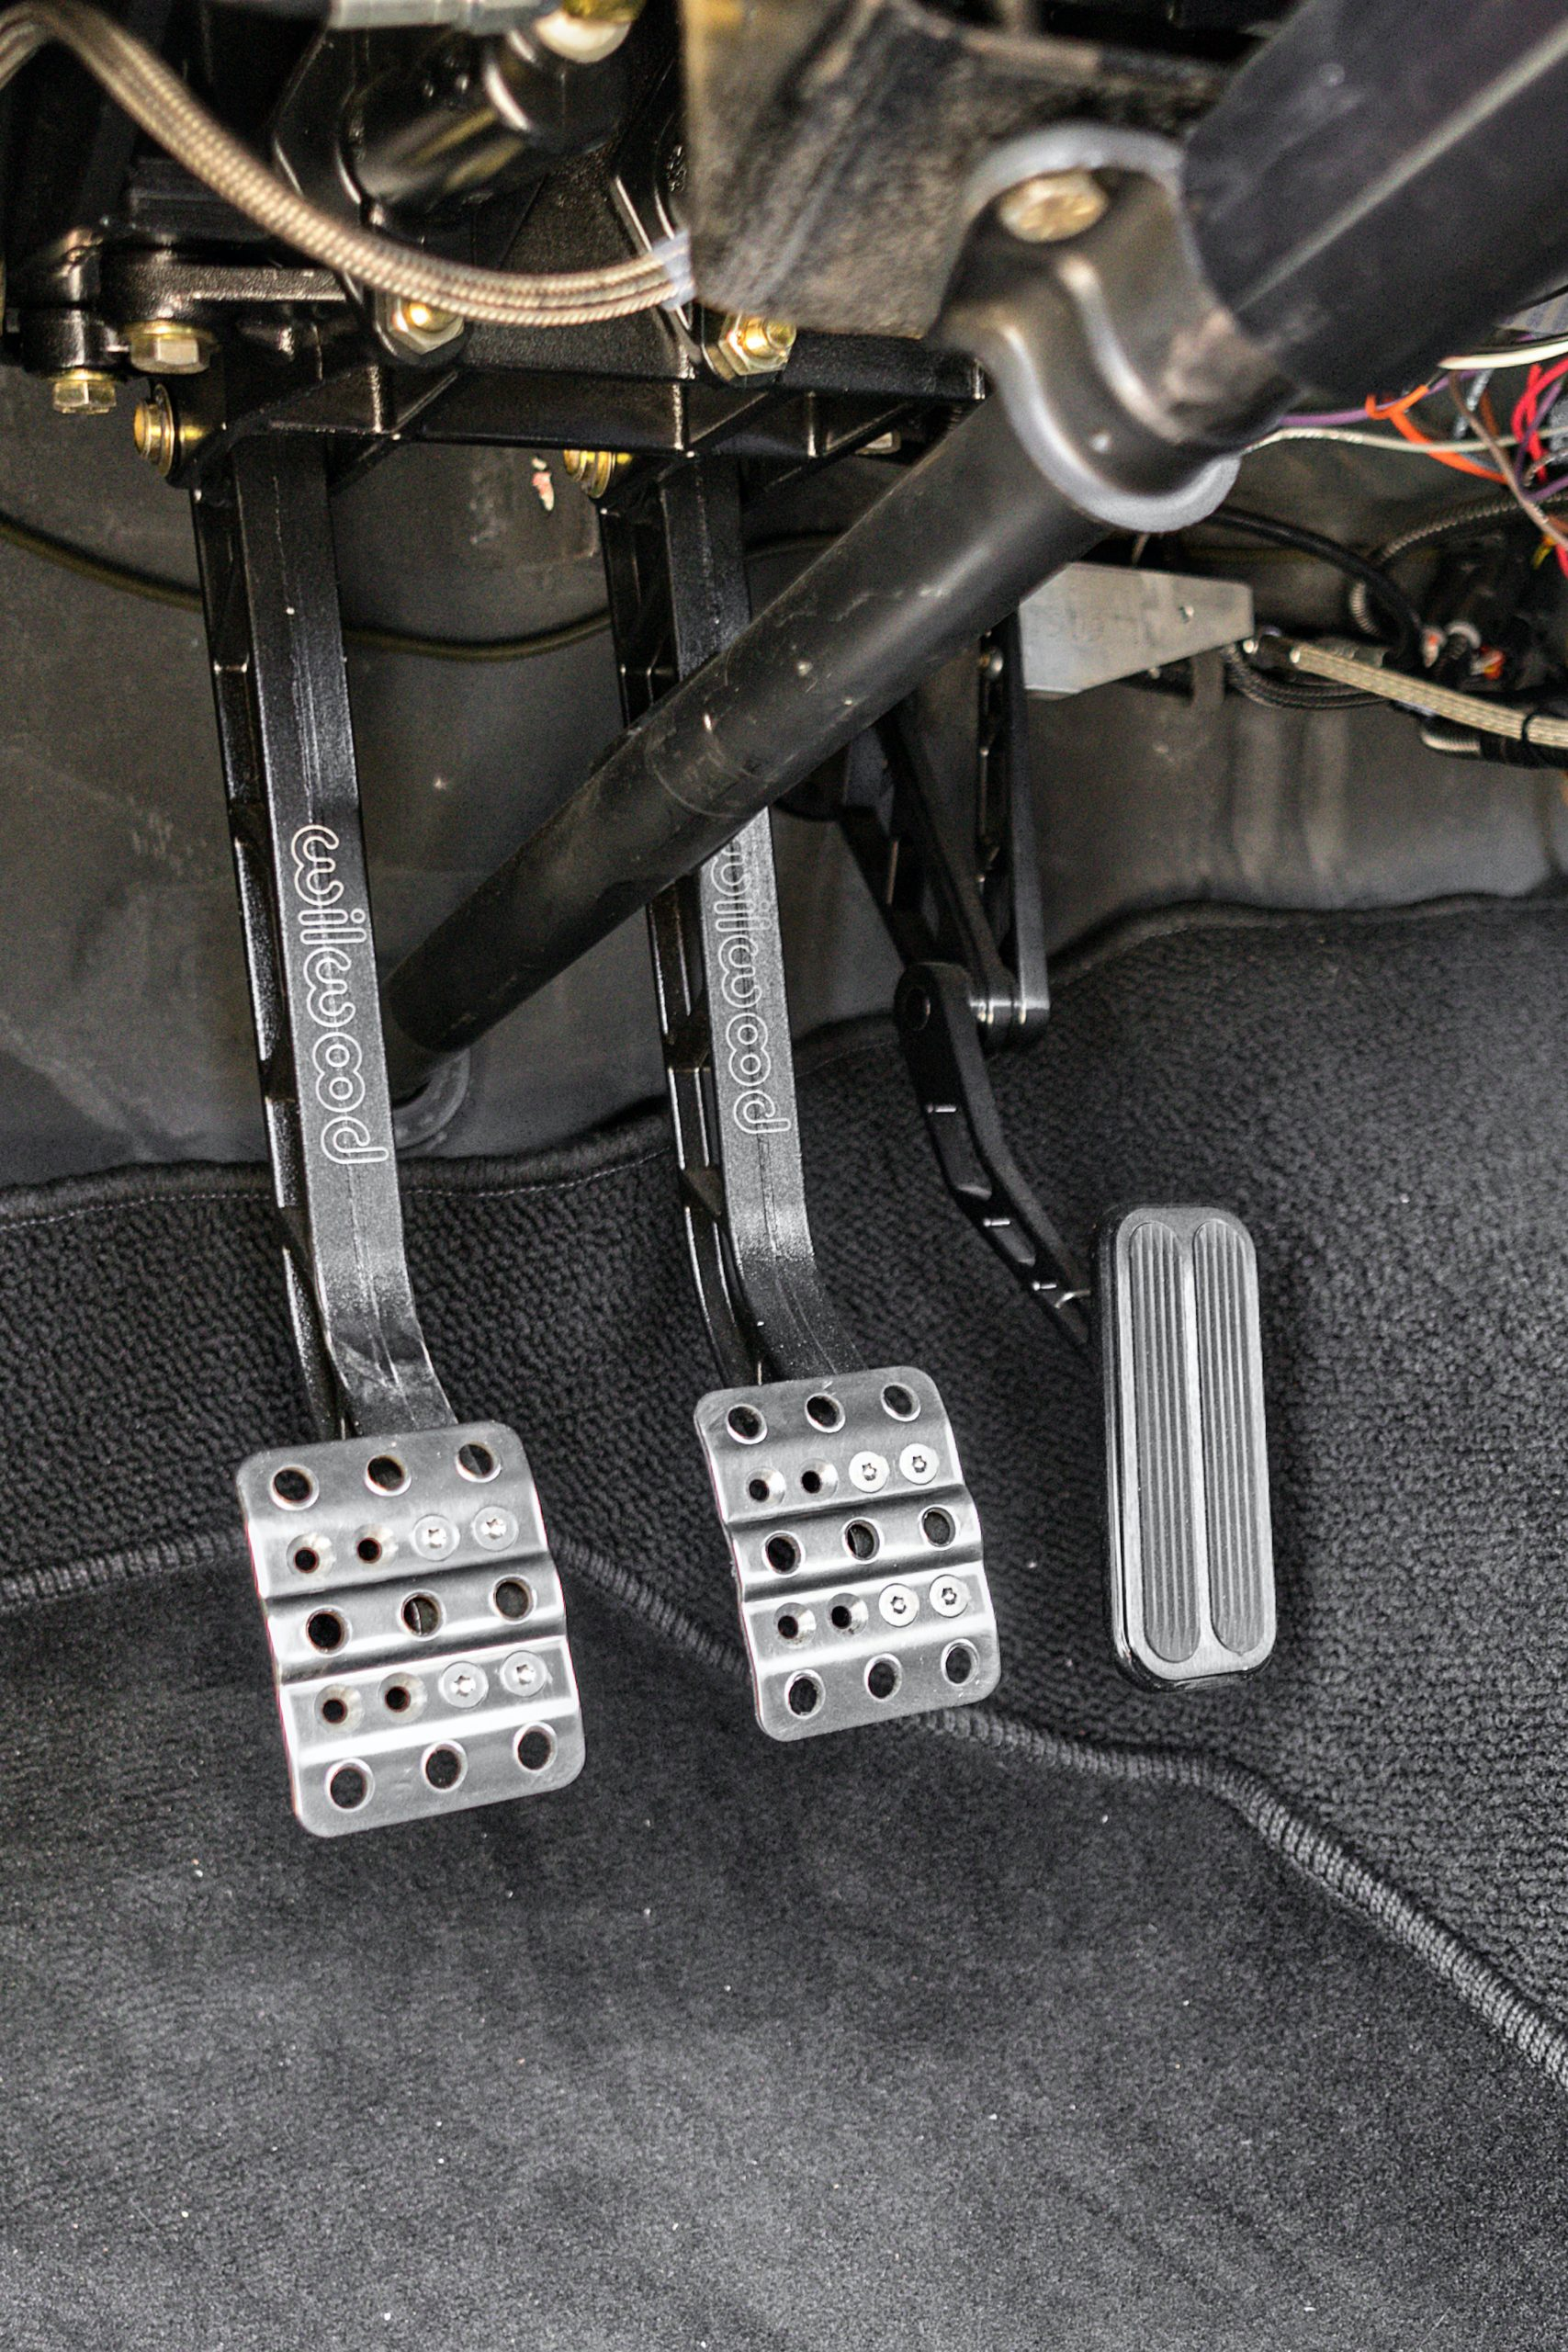 1974 Mk I Ford Capri restomod interior foot pedals